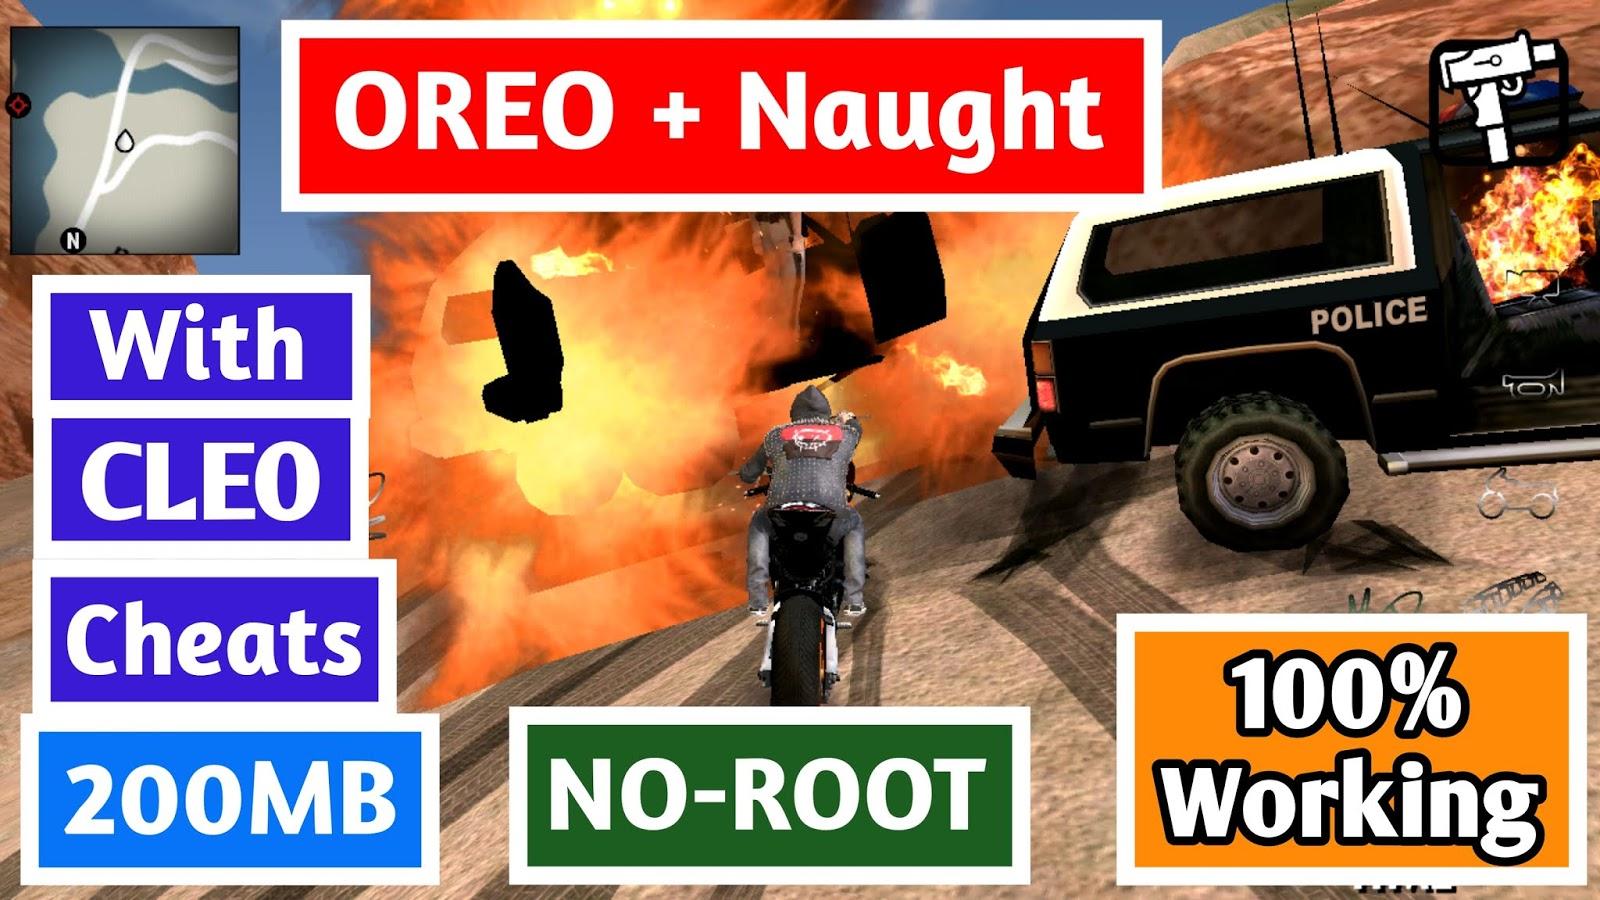 200 MB GTA SA Lite Oreo + Naught - Techy Harsh